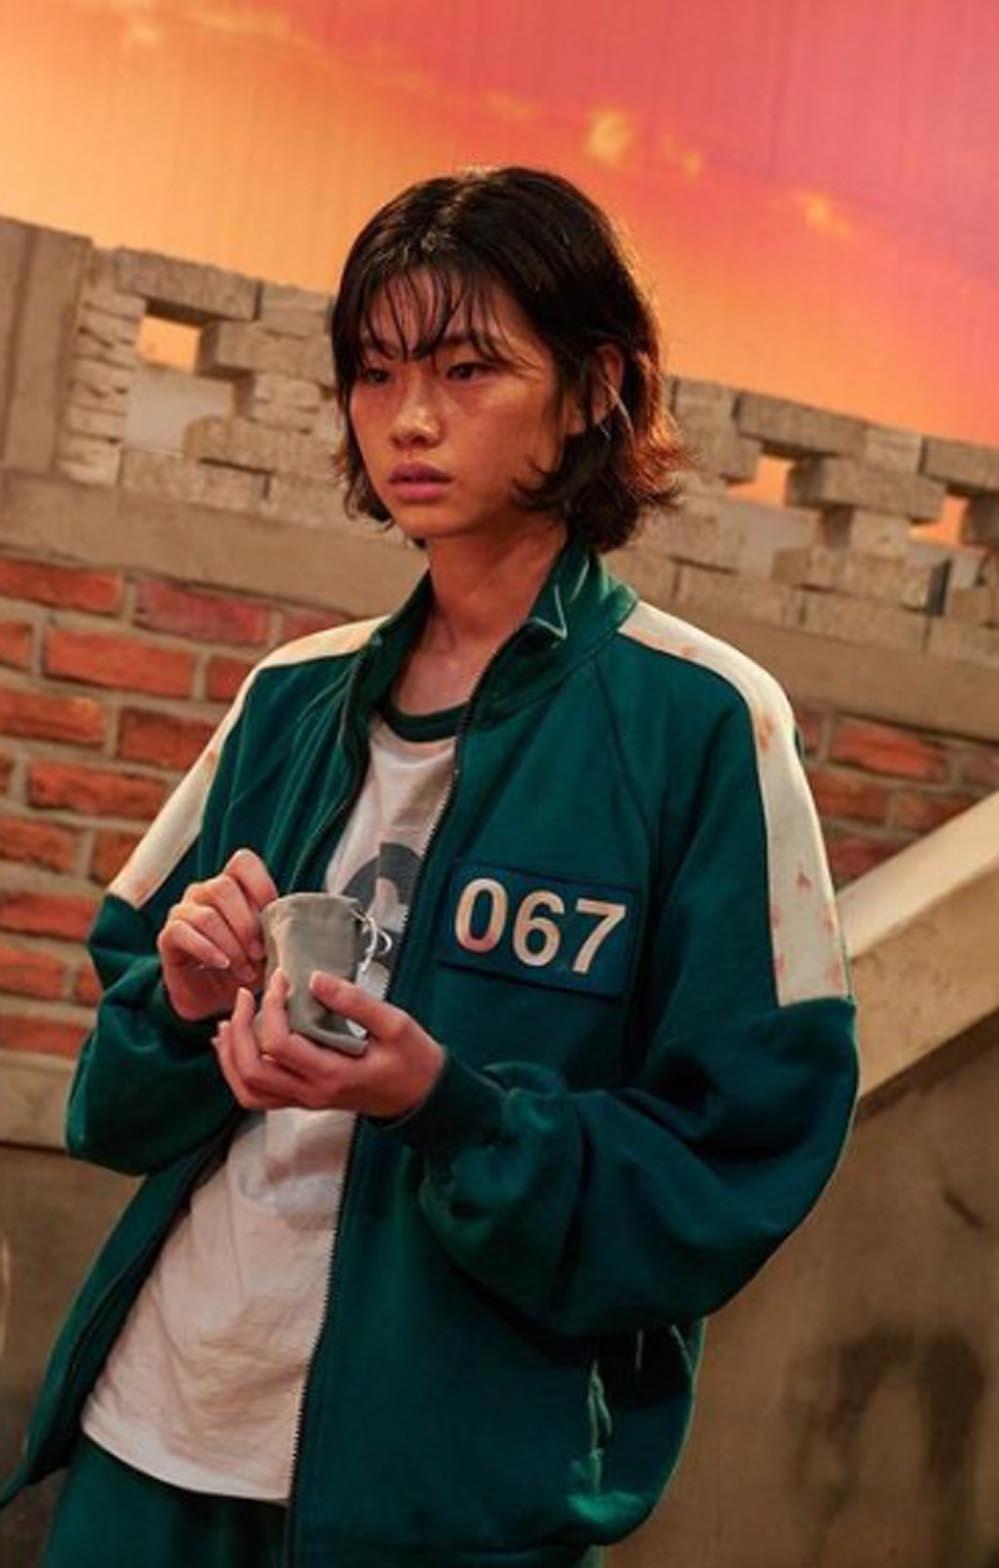 HoYeon Jung alias Kang Sae-byeok alias spiller 067 i Squid Game alias 오징어 게임 (Netflix)